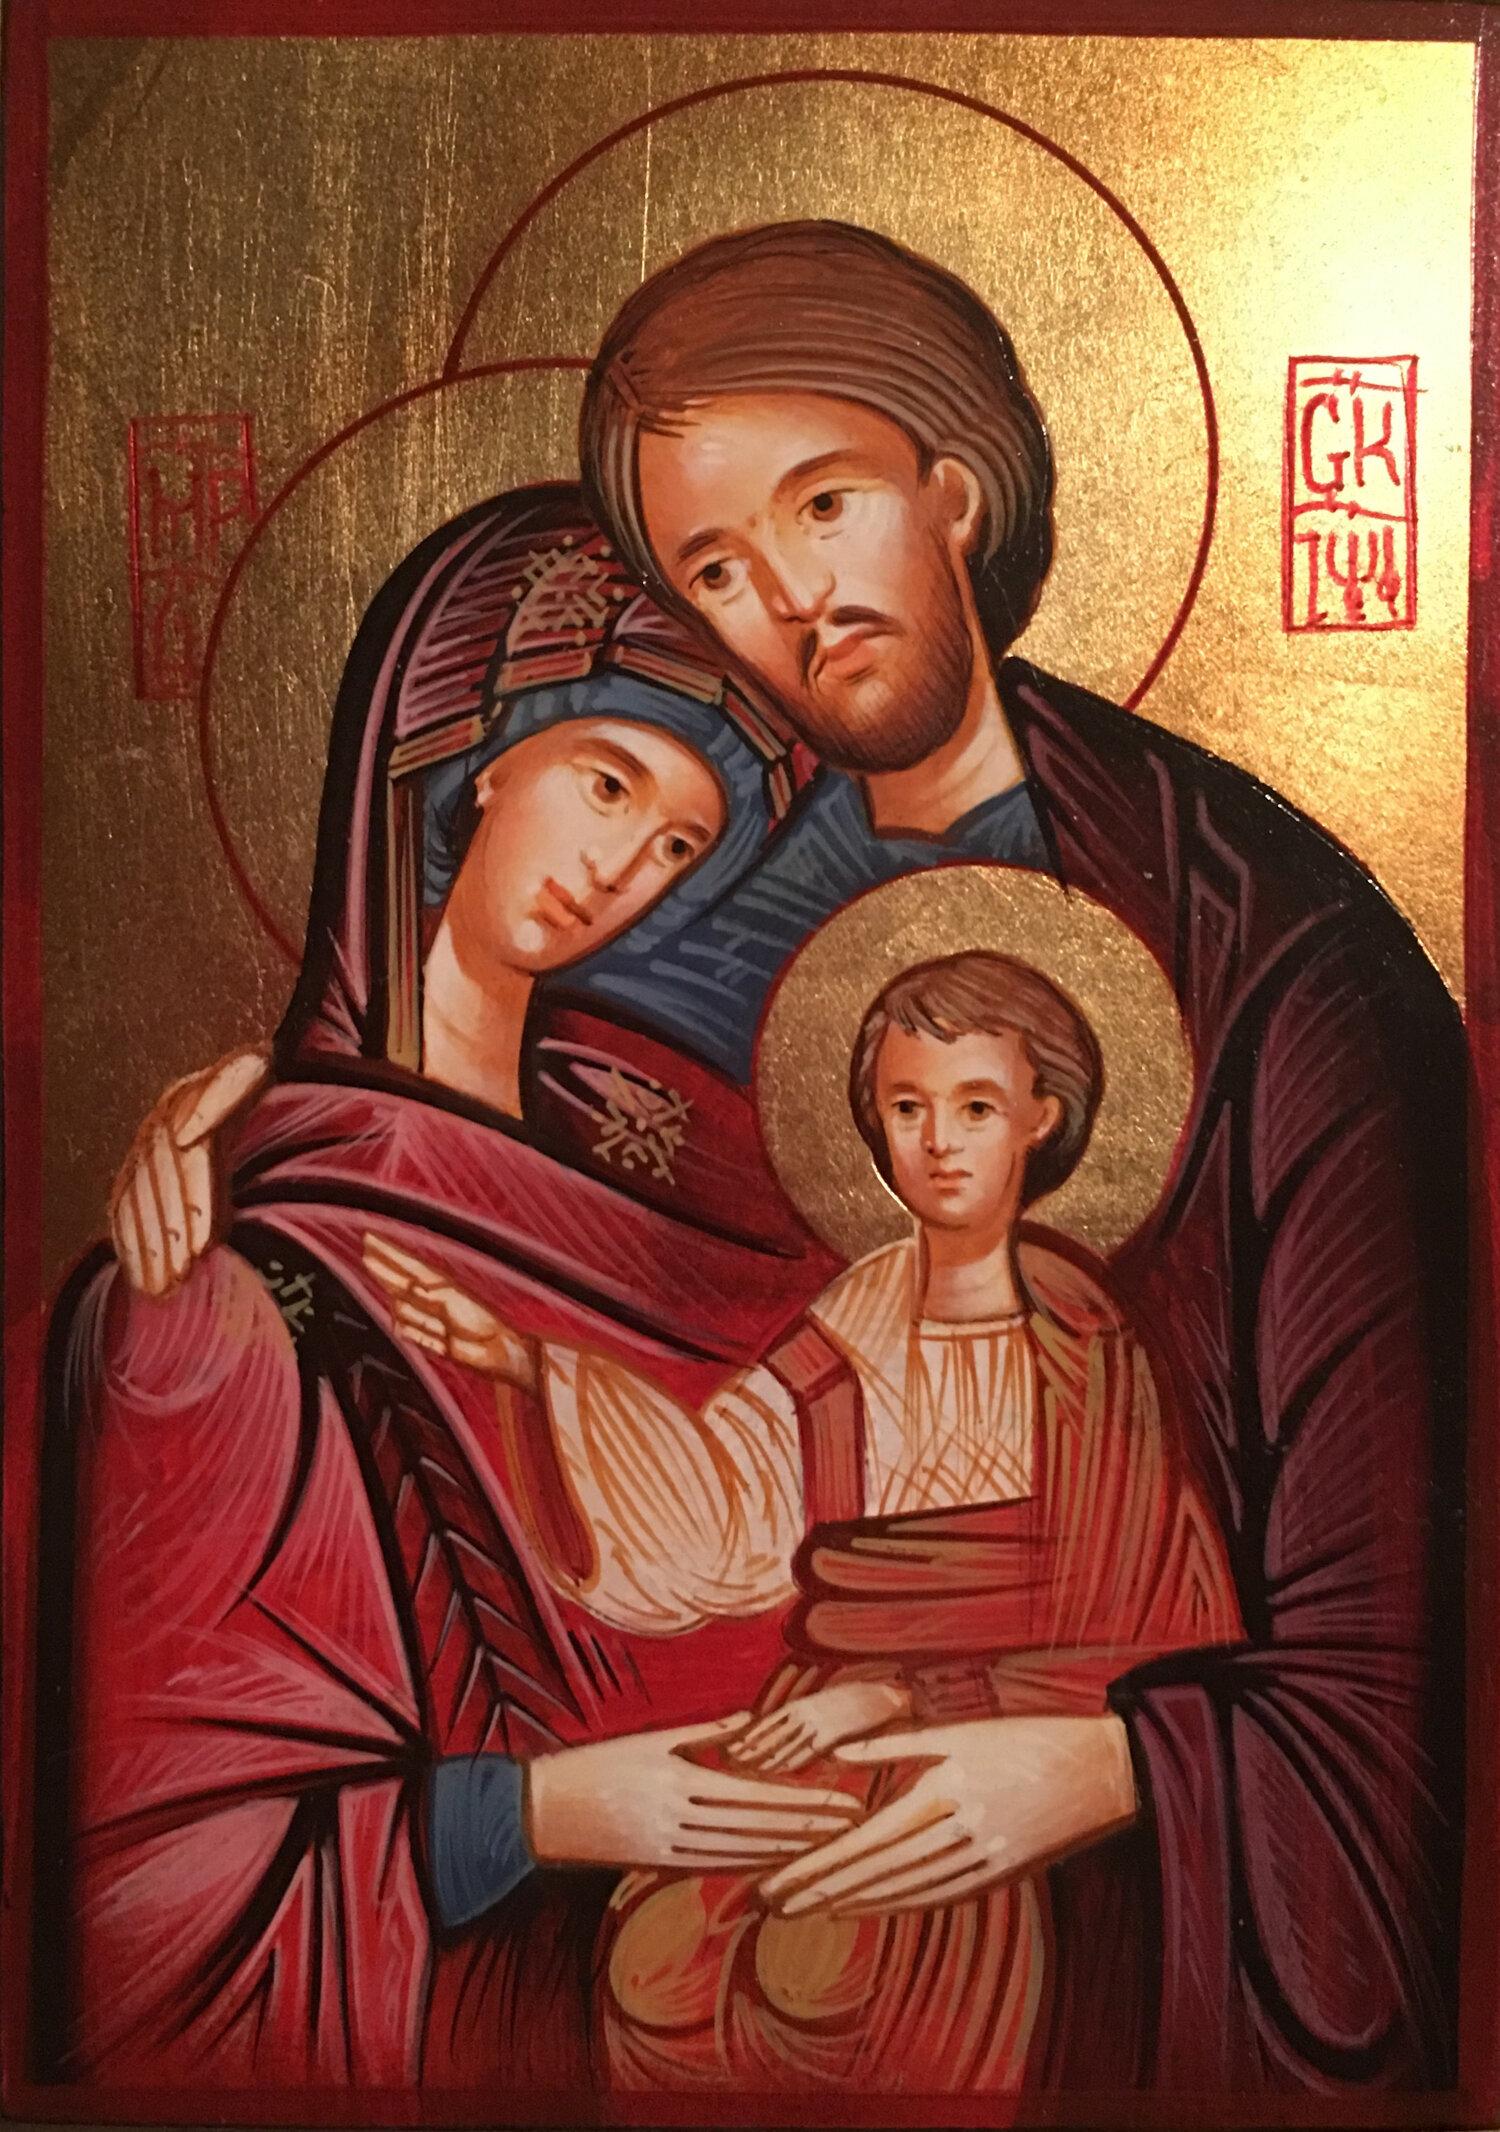 christian-1878497.jpg